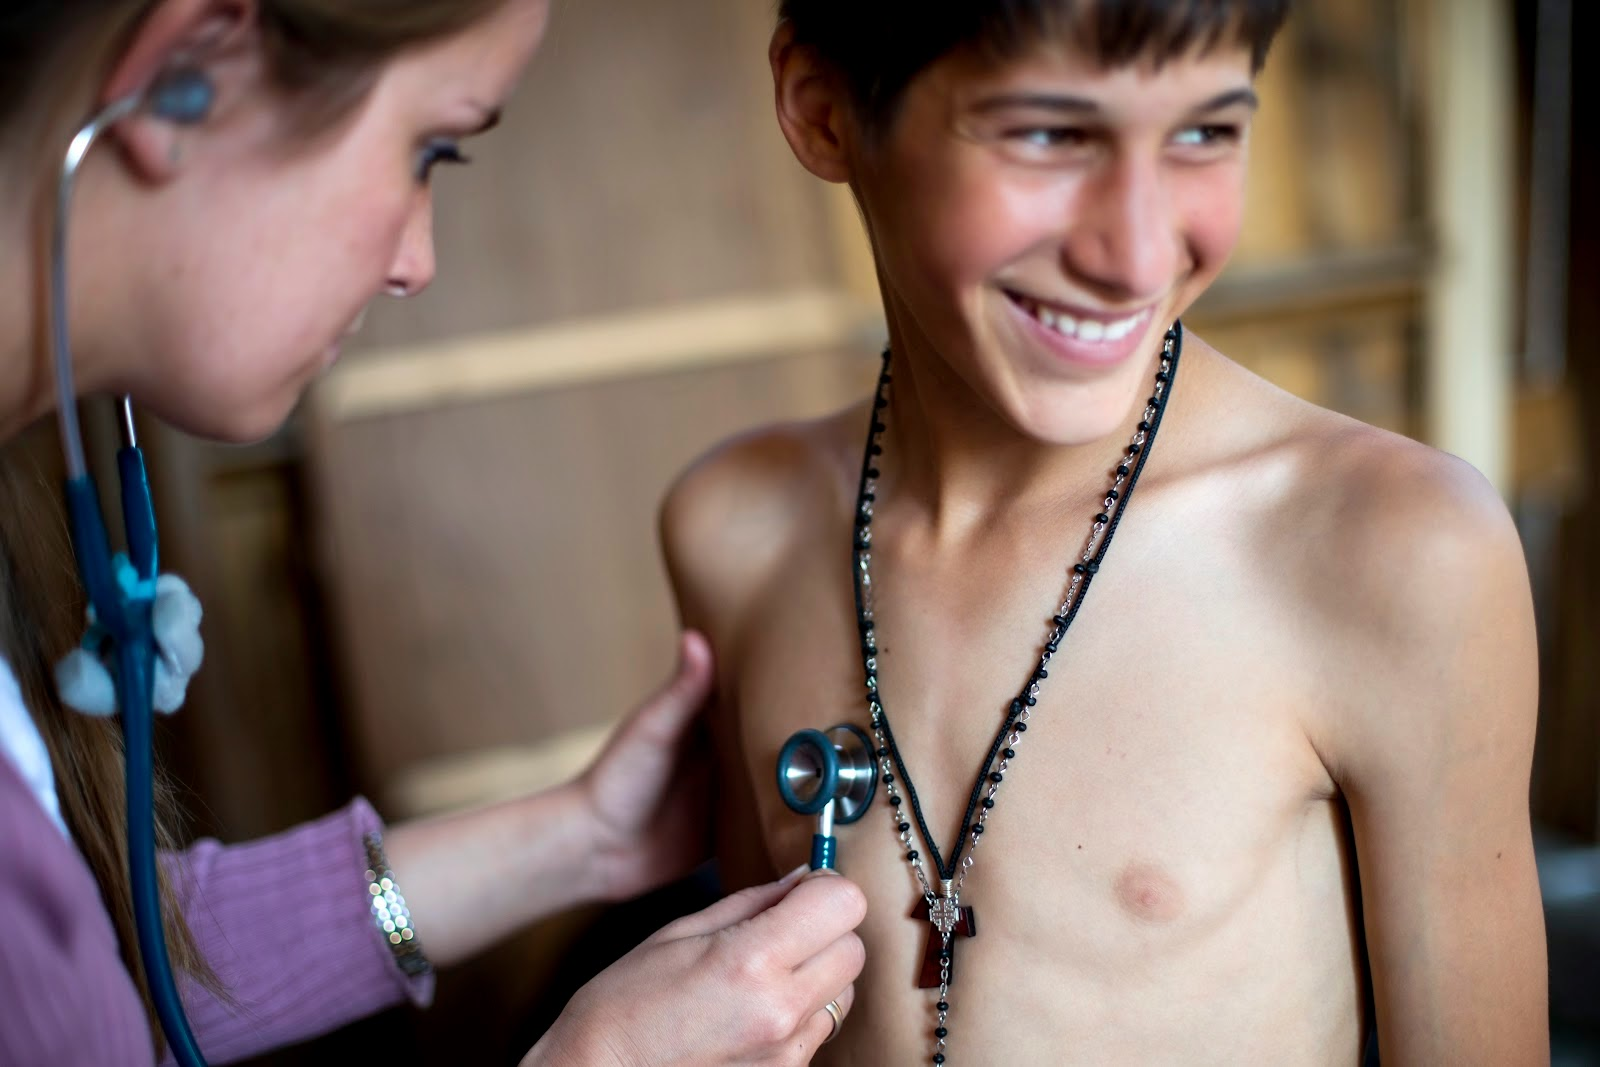 egészség, egészségügy, kórház, Erdély, Székelyföld, Románia, Hargita megye, gyerekek, önkéntesség, Nemzetközi Gyermekmentő Szolgálat